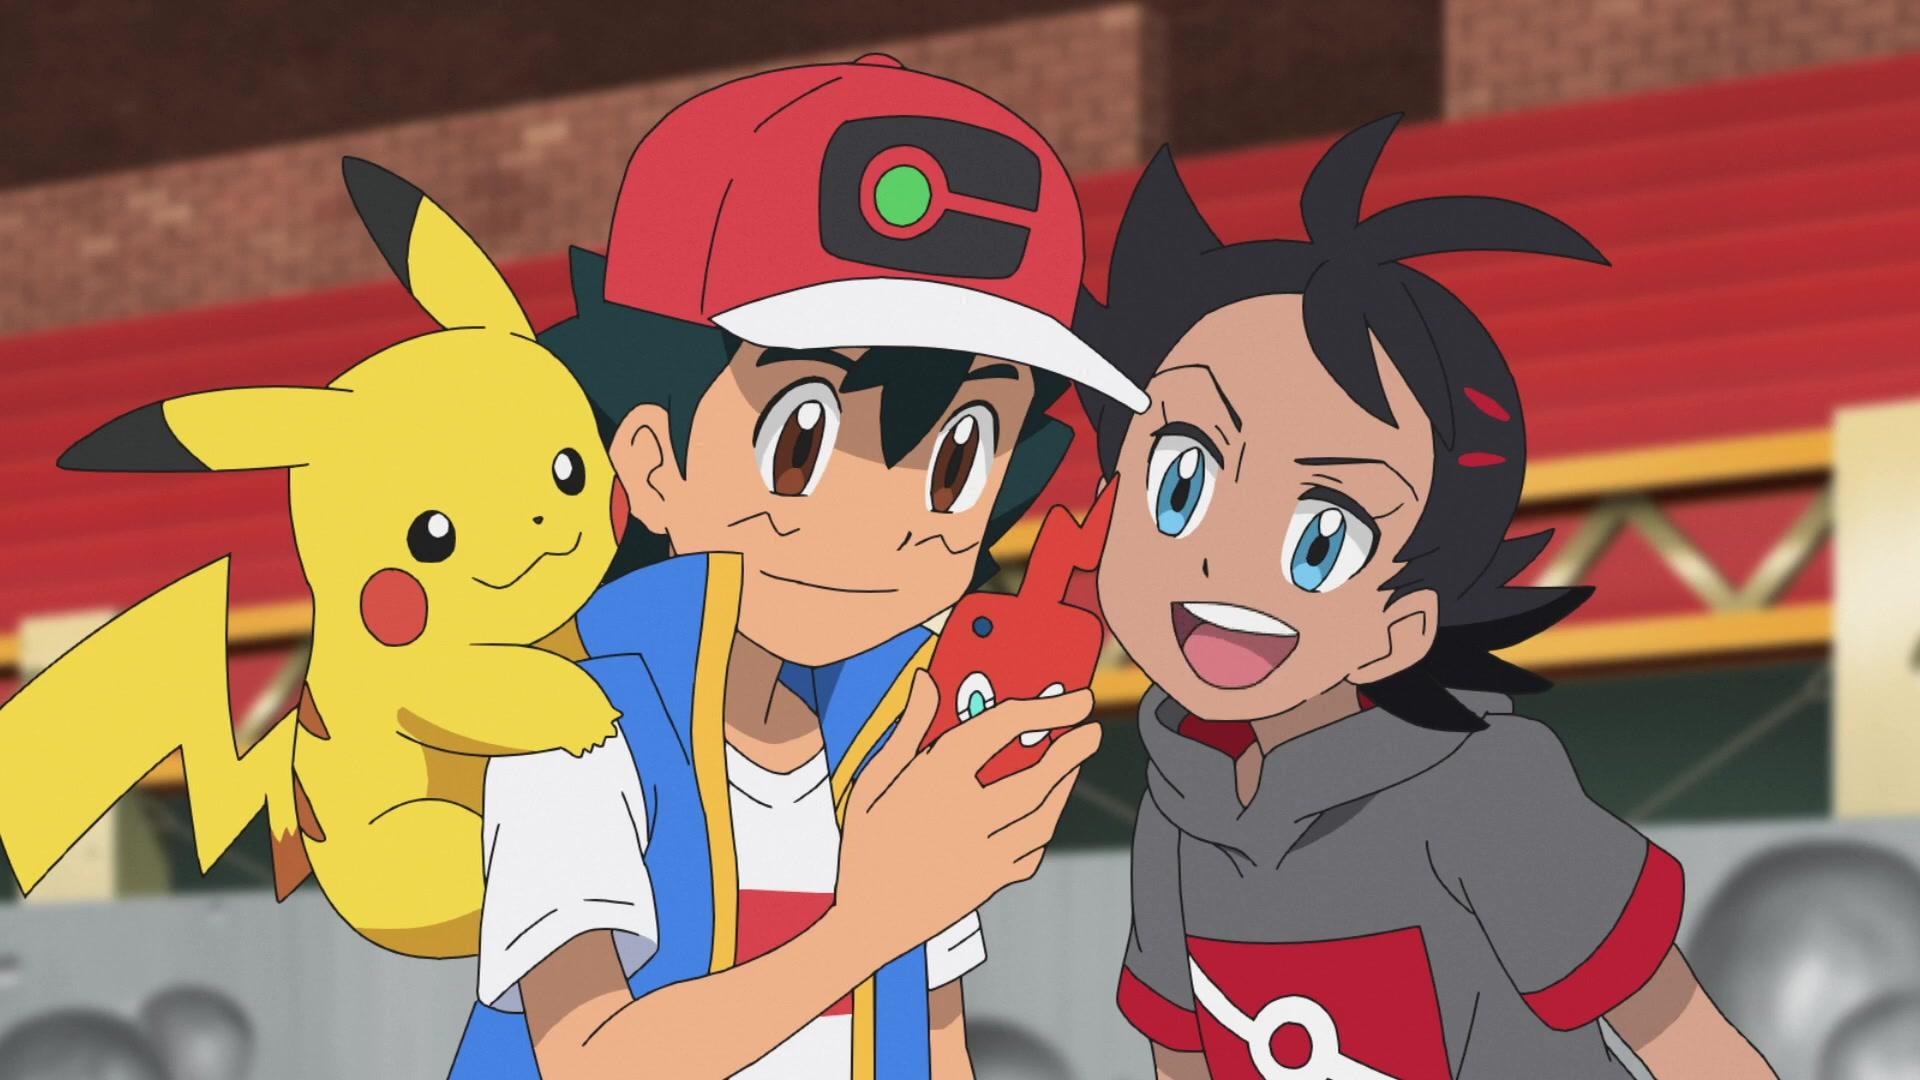 Pokemon esplorazioni netflix (6)